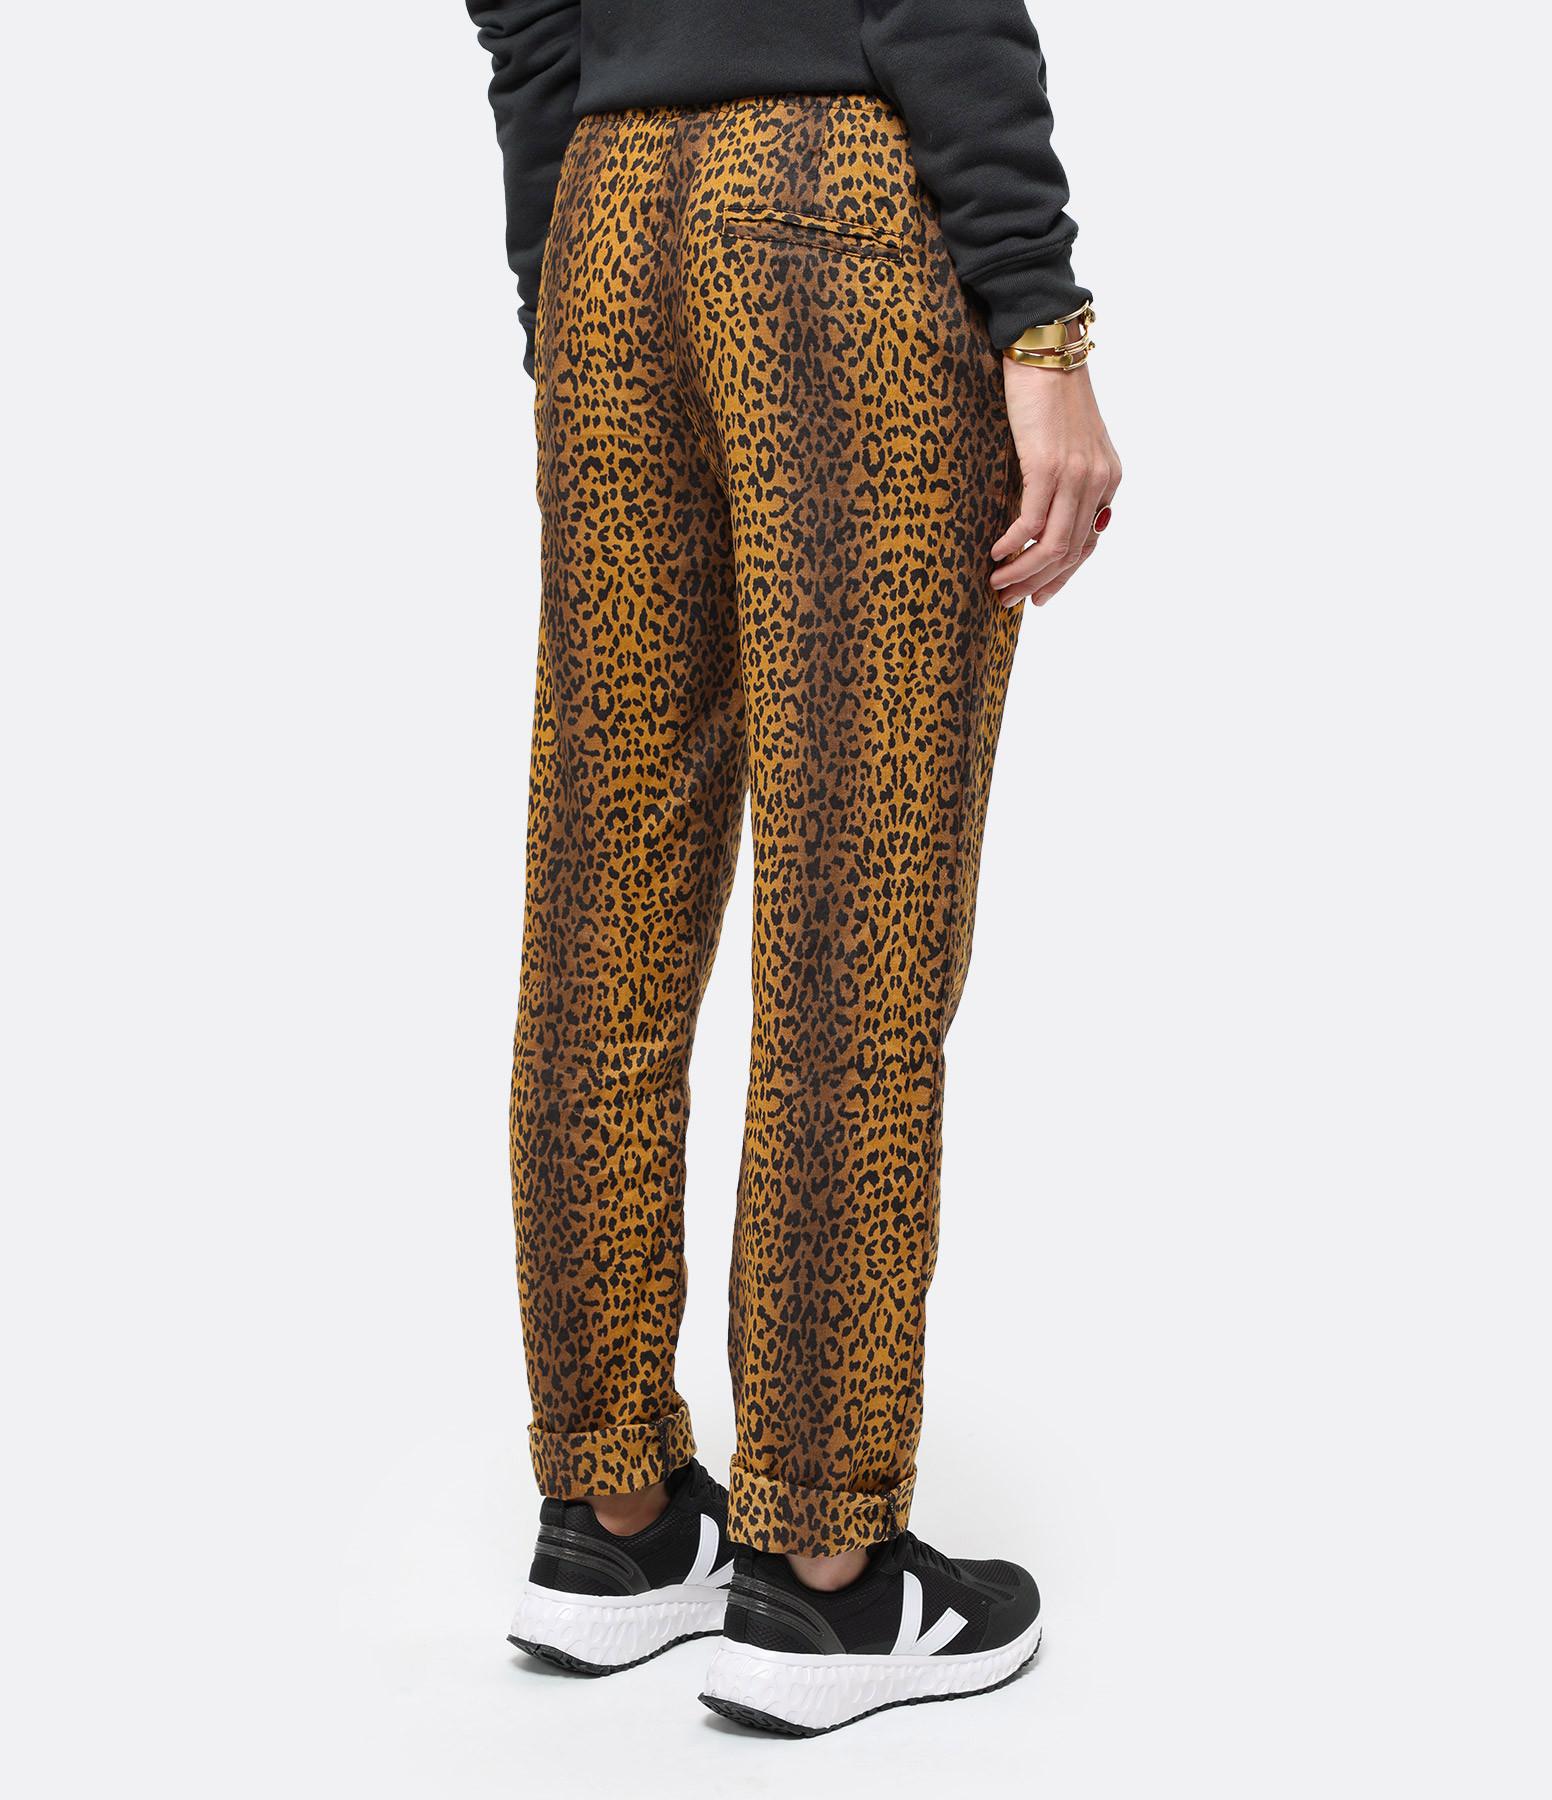 OVERLOVER - Pantalon Yucca Lin Miel